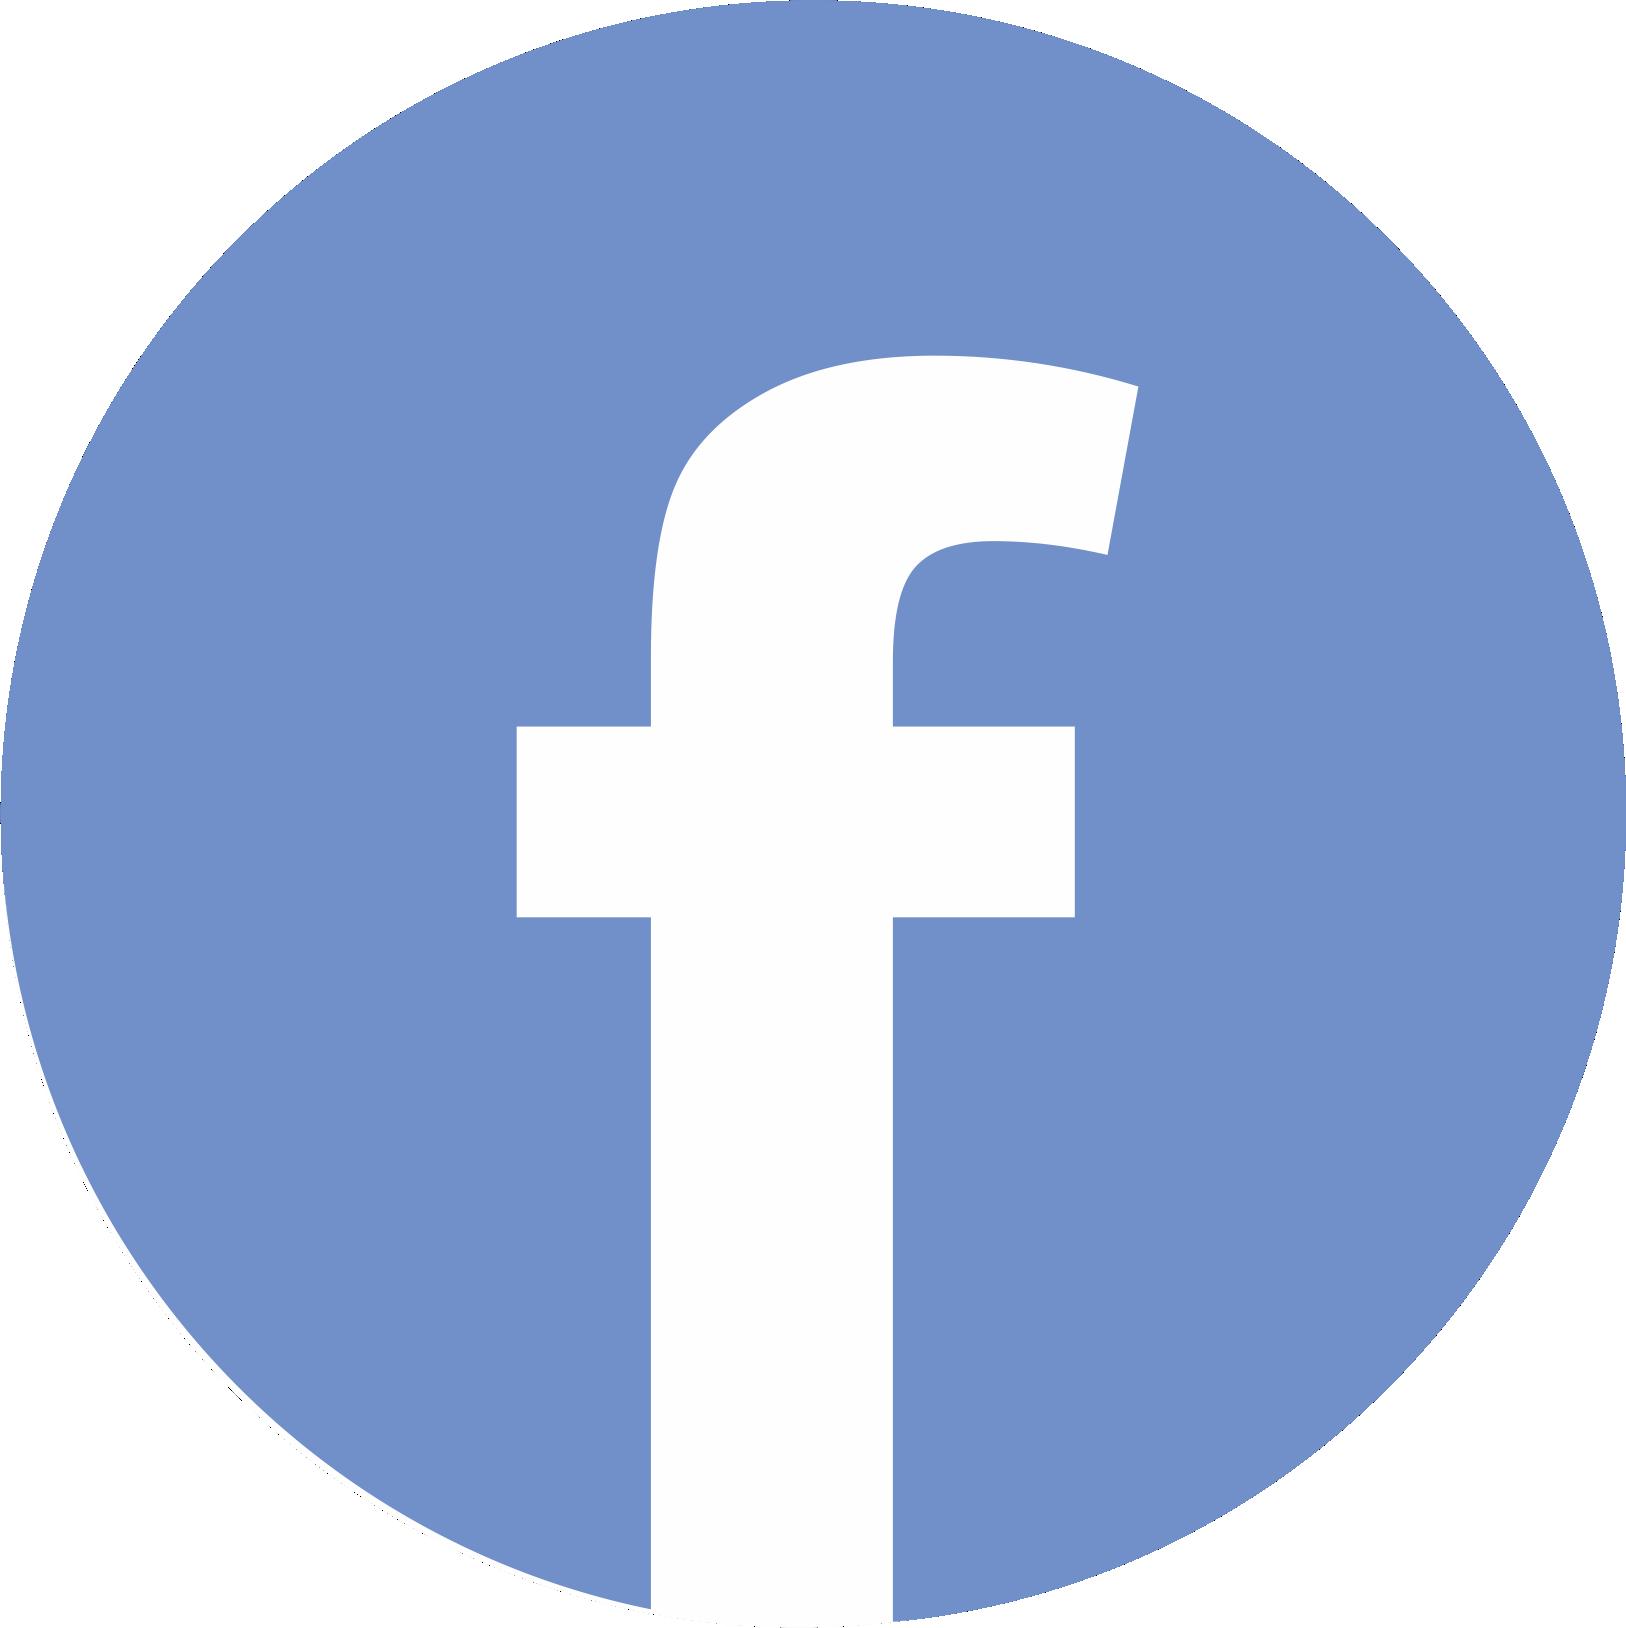 Facebook Logo For Make Logo Please For Download Or Make Logo Visit My Link Http Henhen Lukmana Blogspot Co Id